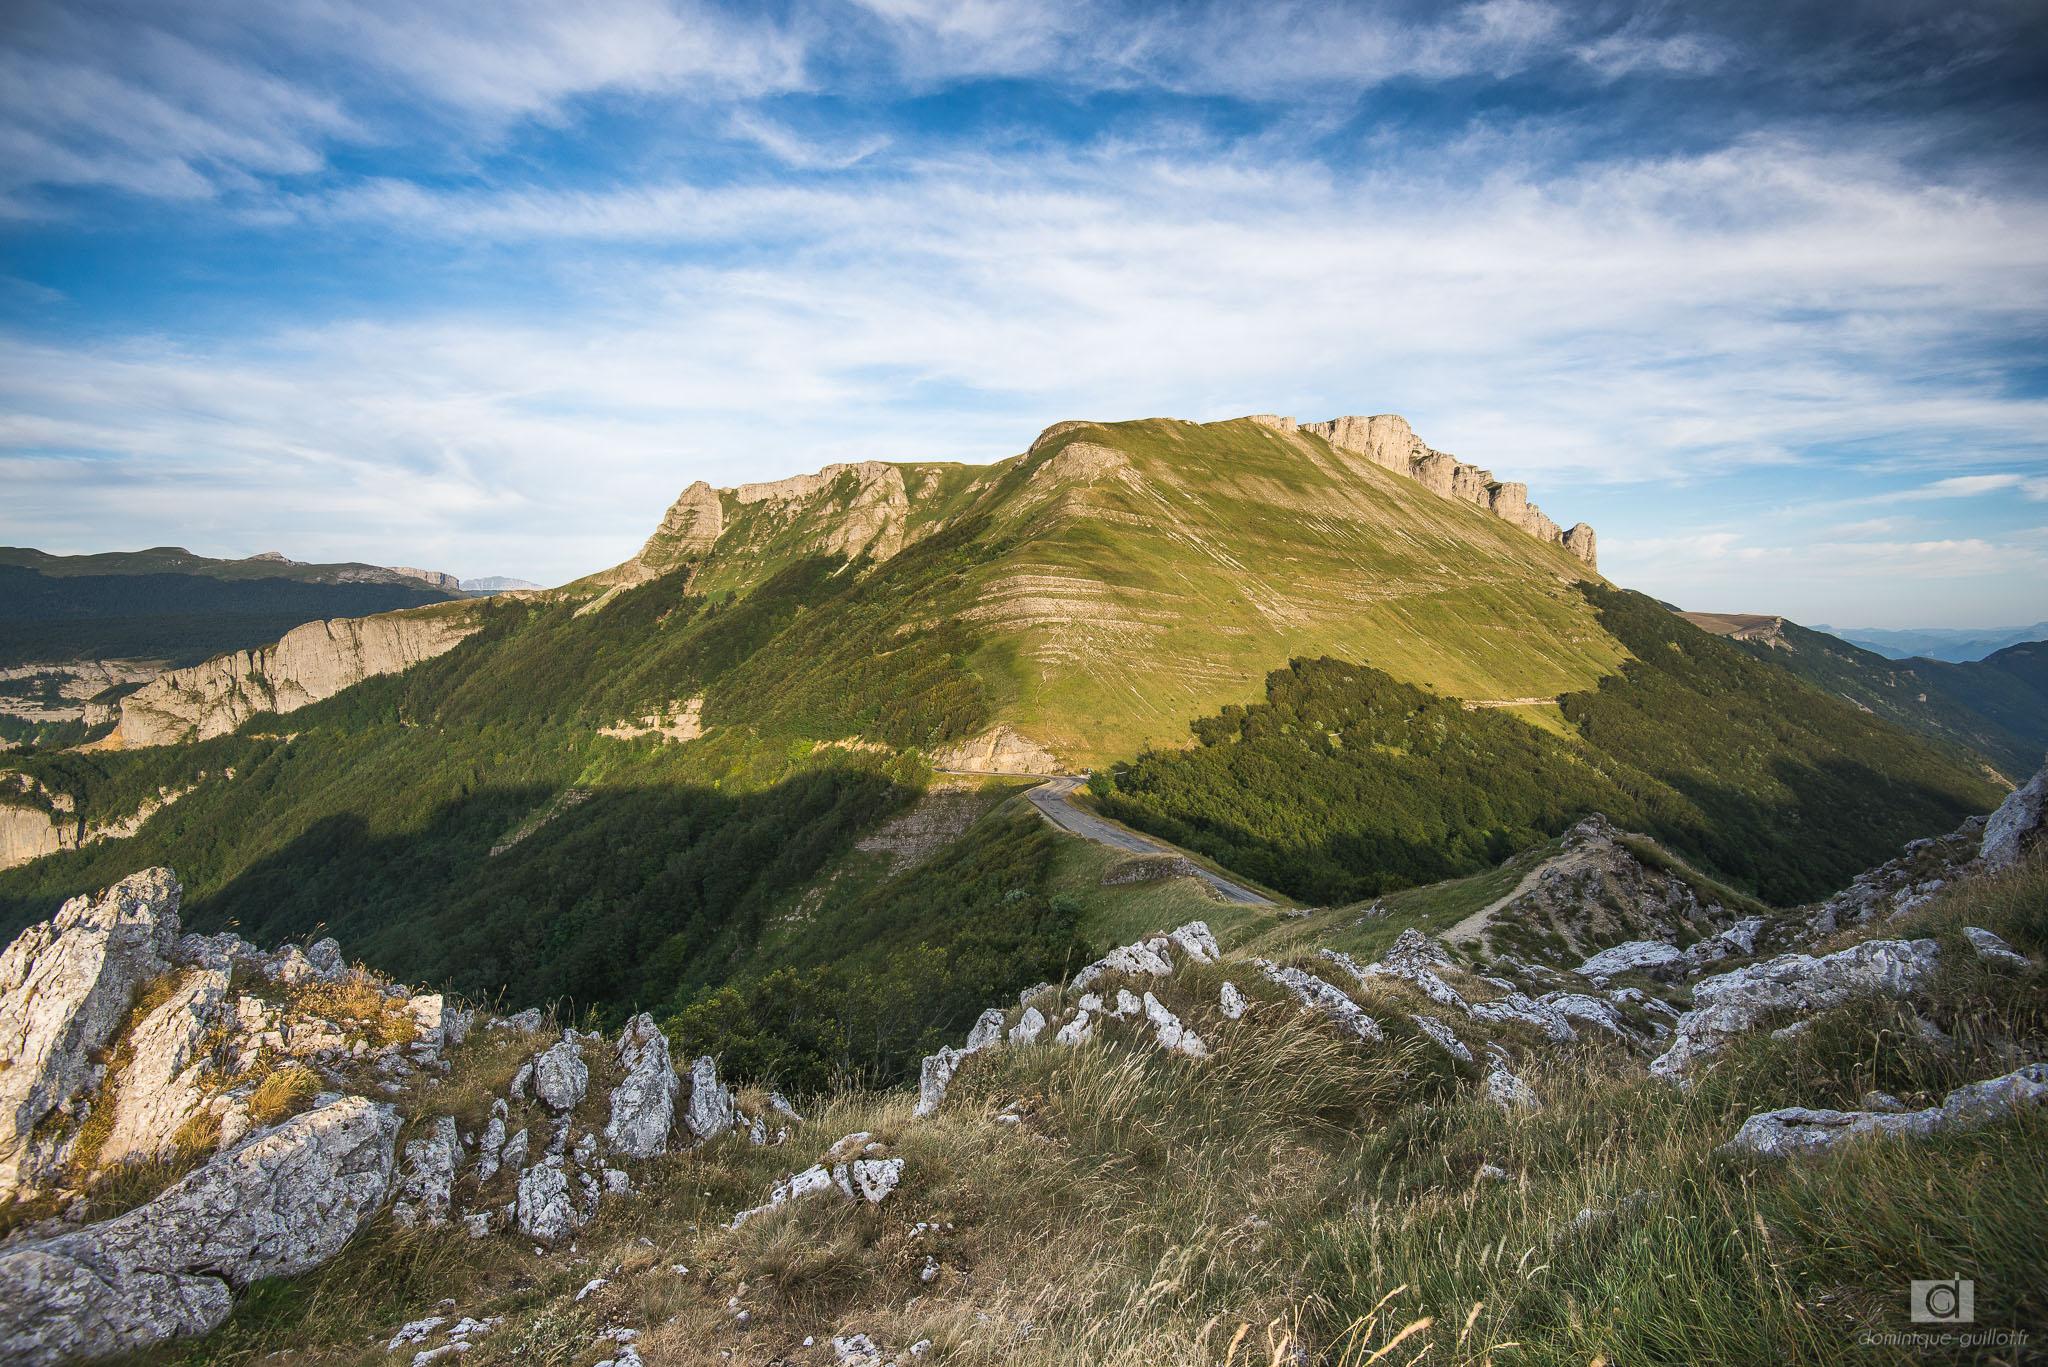 Roc de Toulau